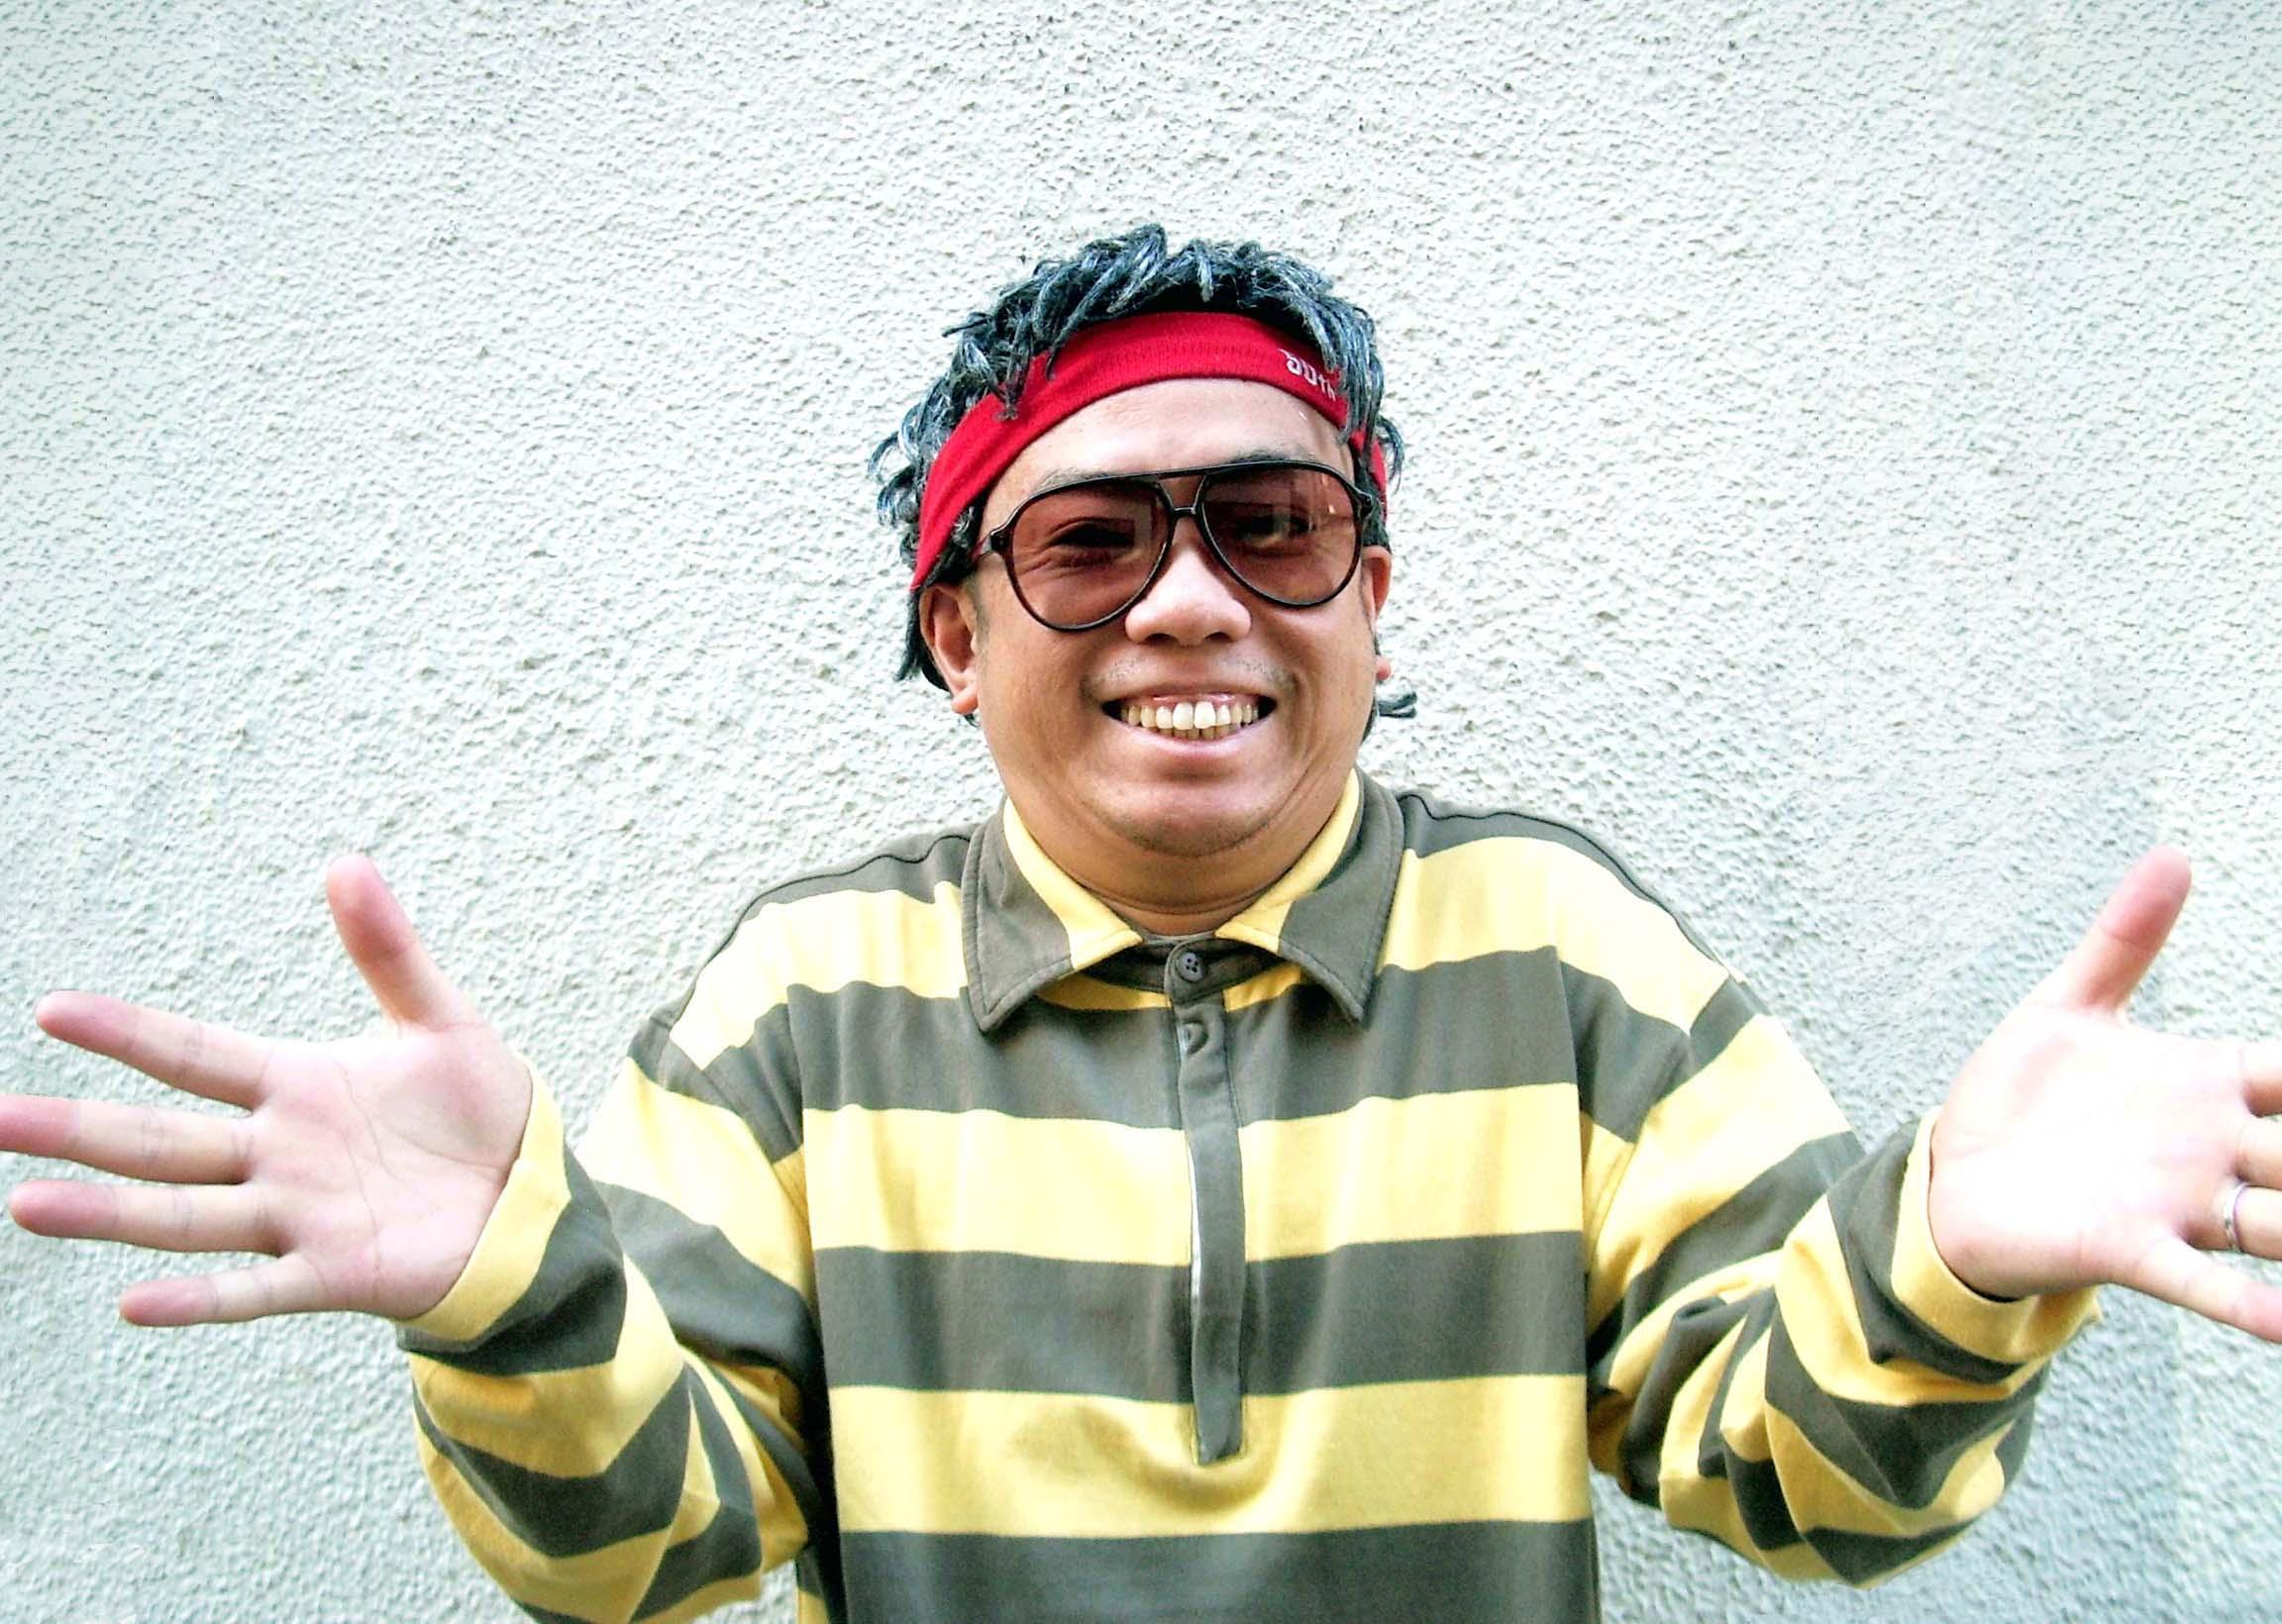 【期間限定価格版】「前田ししょう」の合コン必勝法DVD! 業界初!お笑い芸人の合コン風景を、そのままDVD化